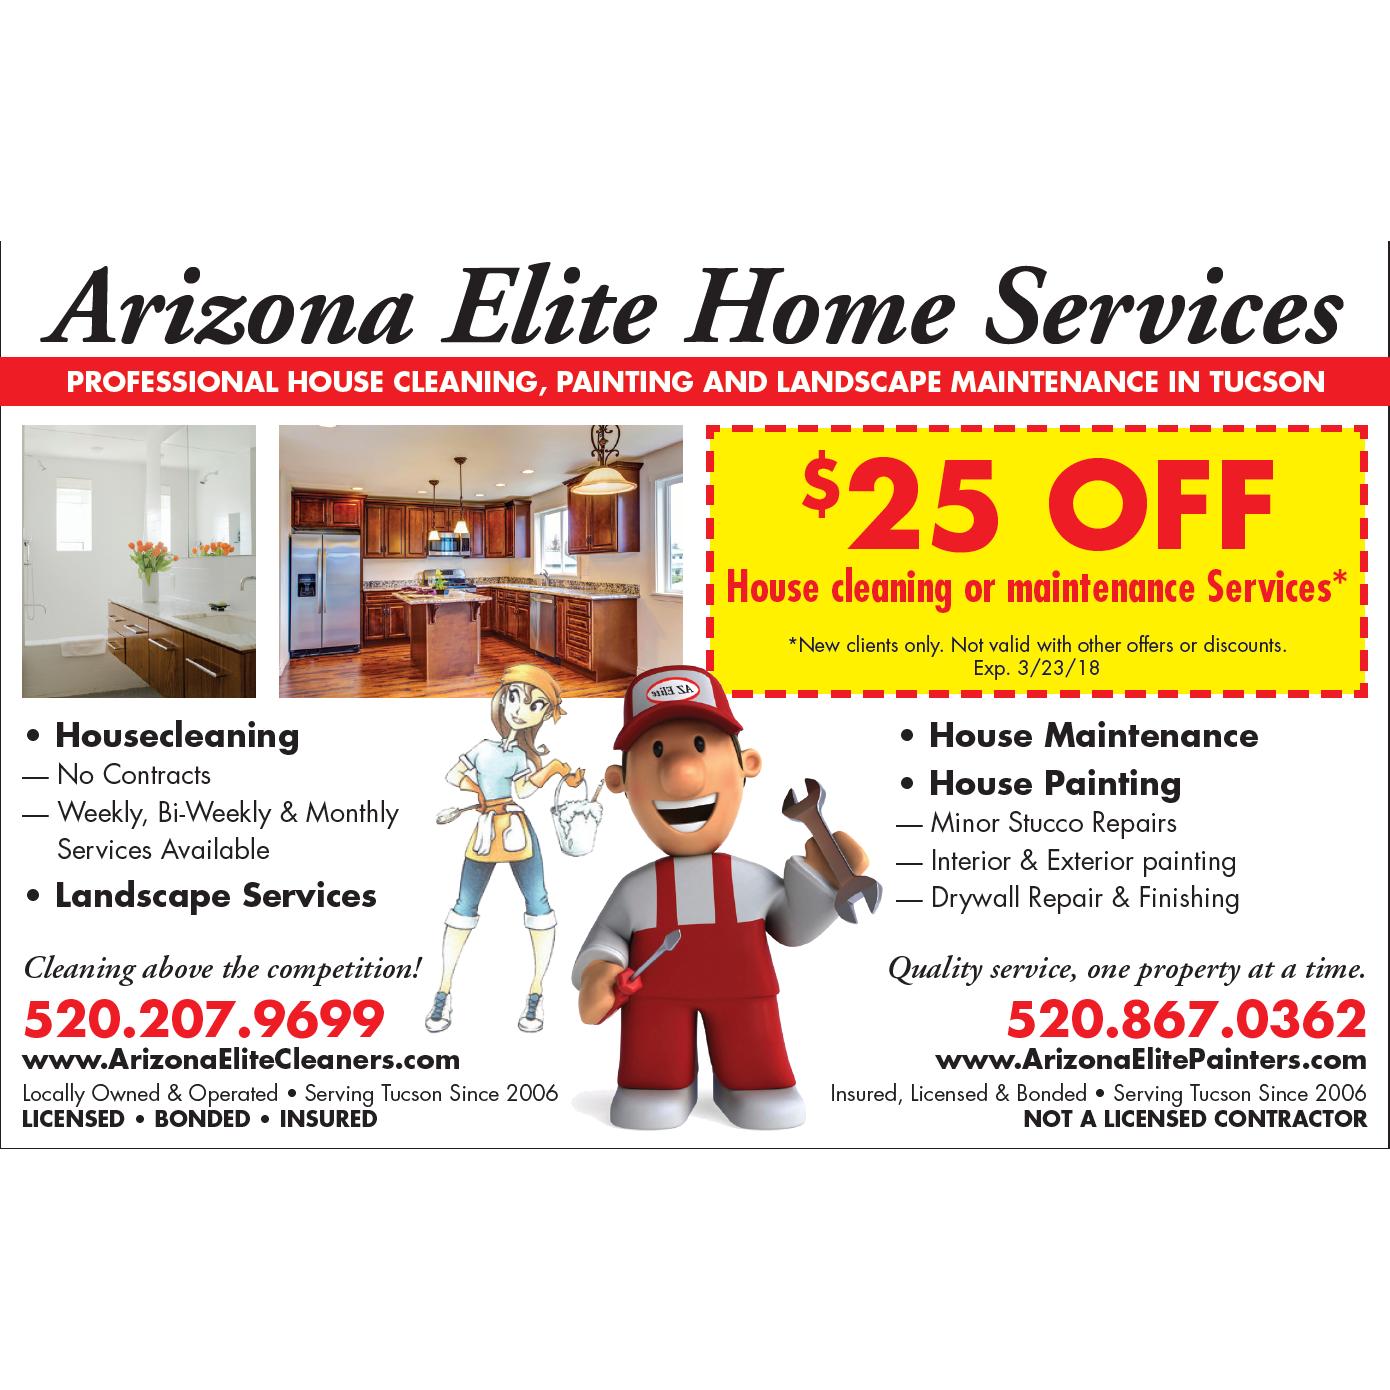 Arizona Elite Painters